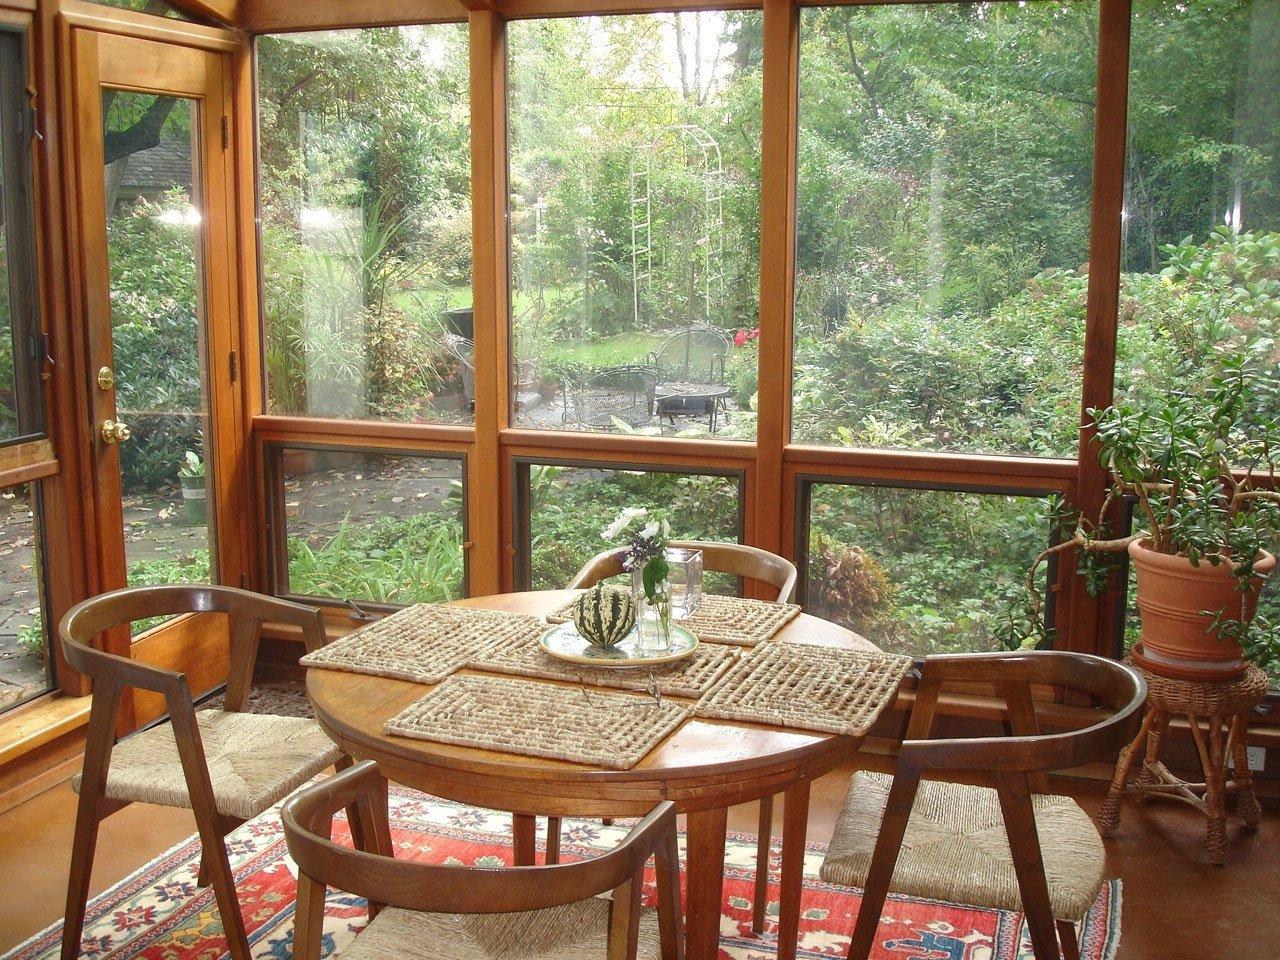 10 Ideal Sunroom Ideas On A Budget new unusual sunroom decorating ideas budget 4126 2020